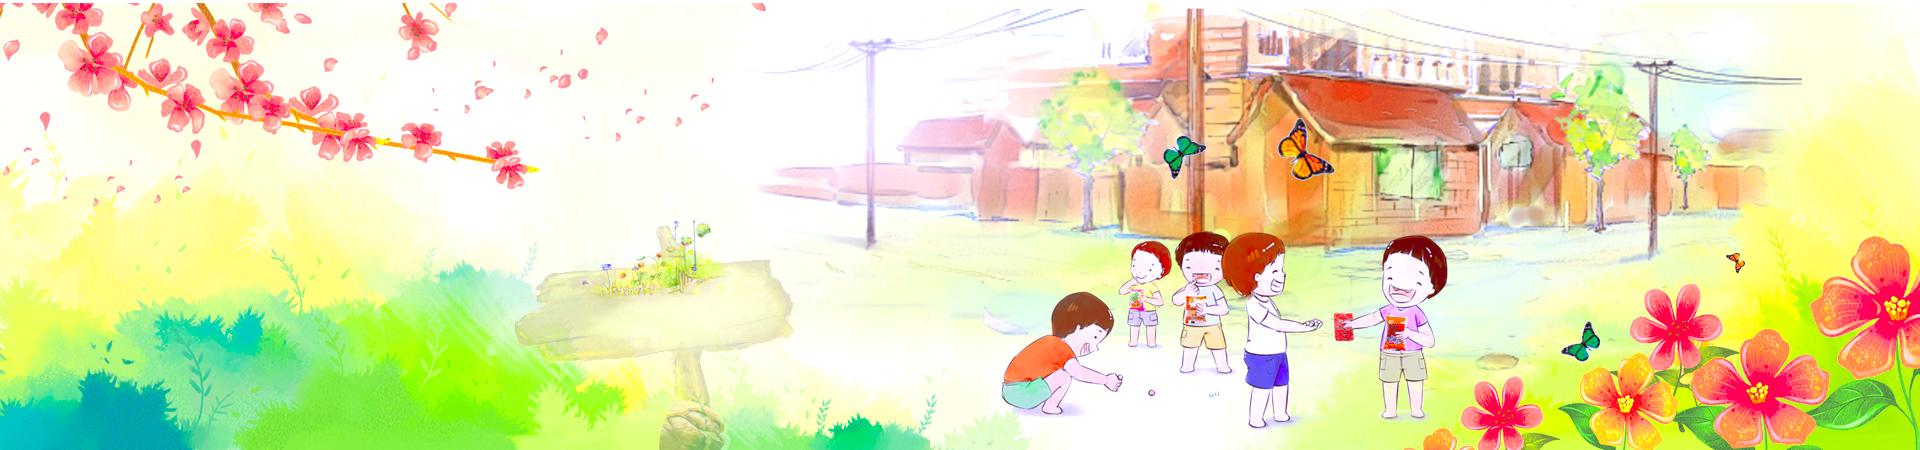 Jardín de Niños Cartoon Jardín De Infantes Cartoon Niño Imagen de ...